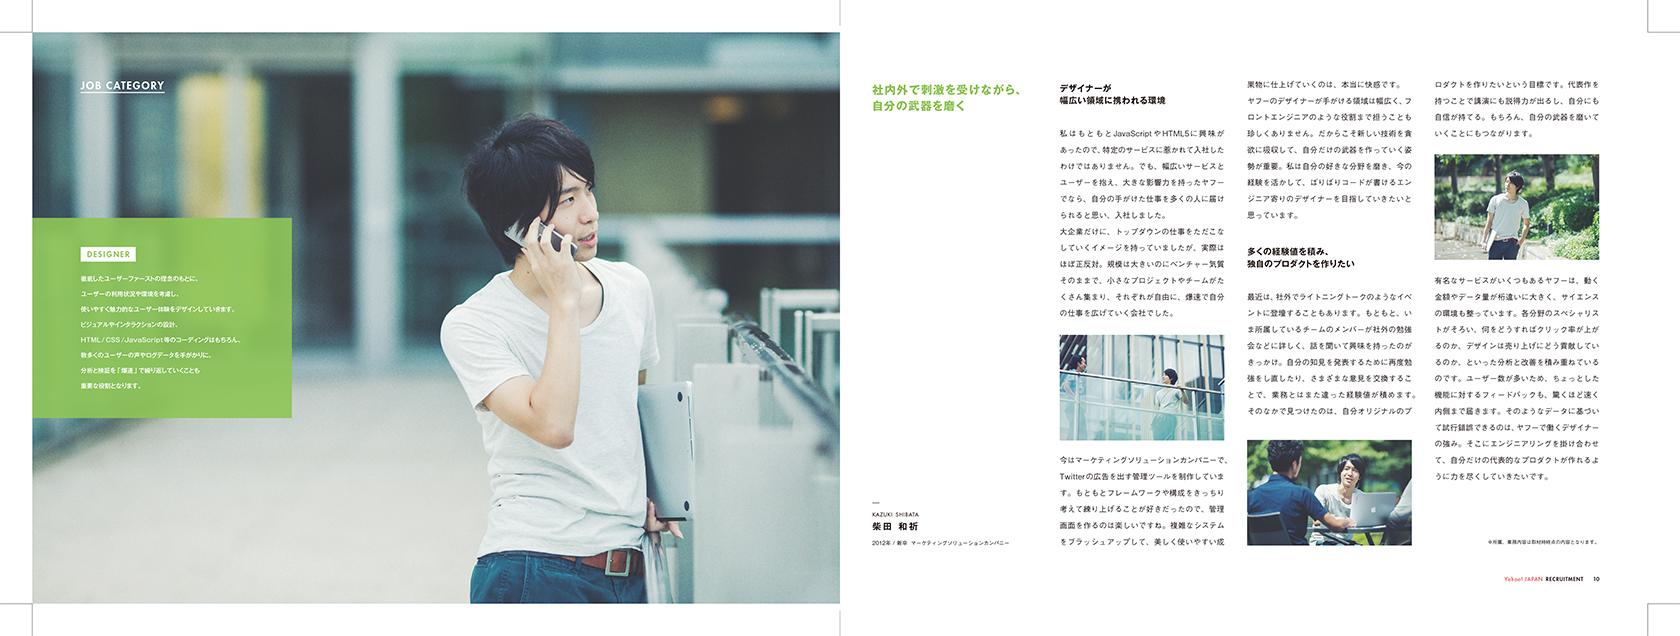 brochure_0001_yahoo_brochure_final-6